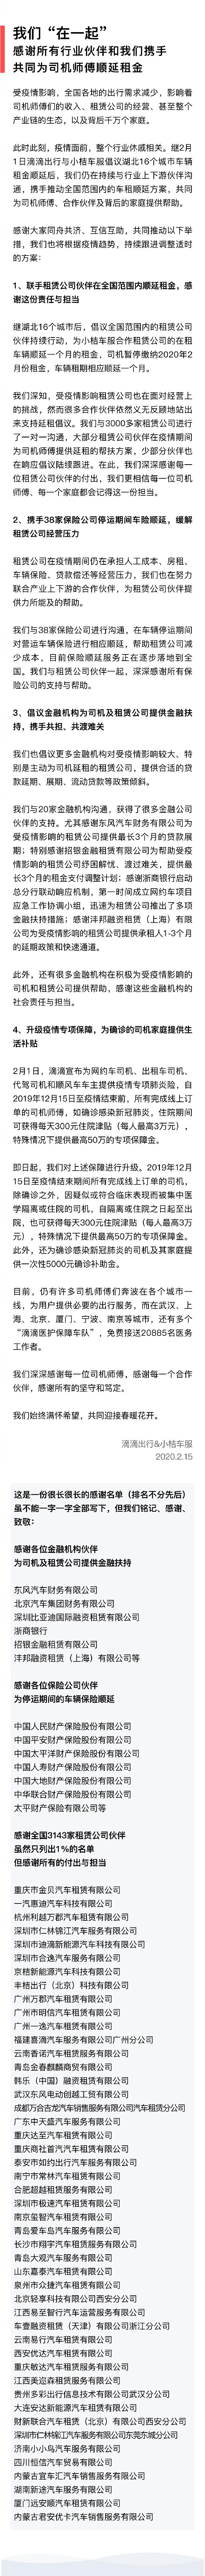 滴滴发布公告表示倡议车辆租期相应顺延一个月